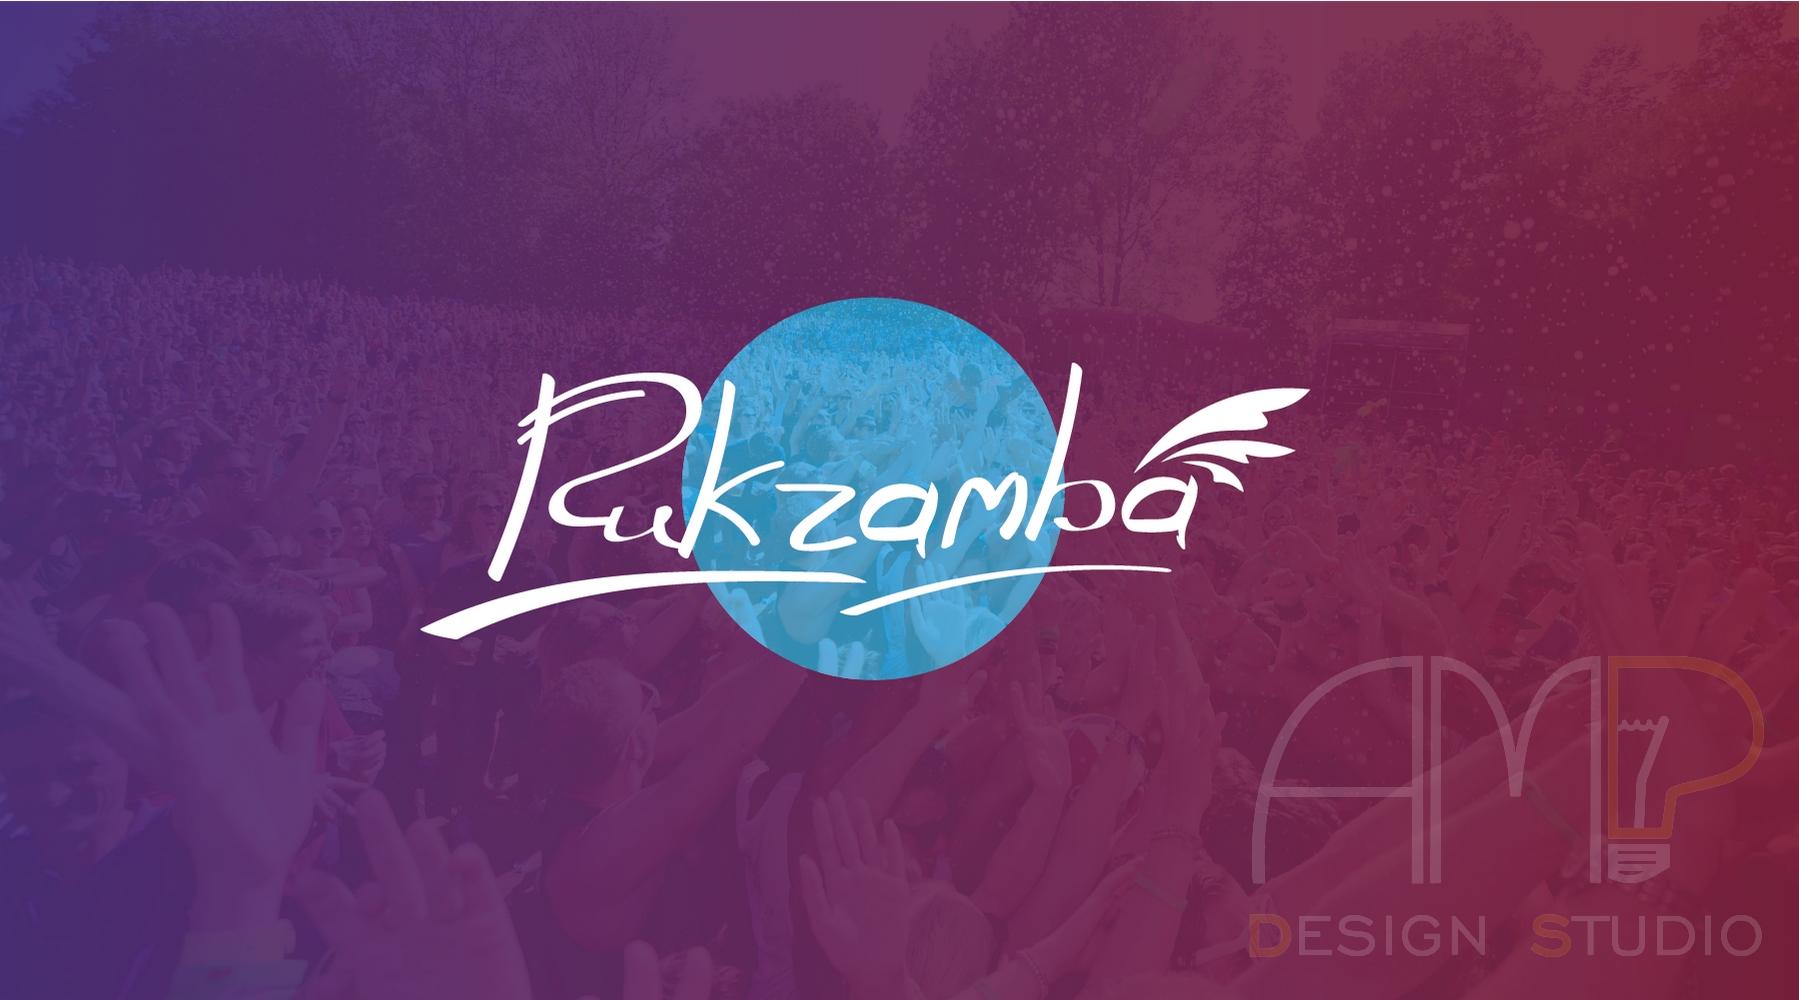 Рюкзамба лого 3